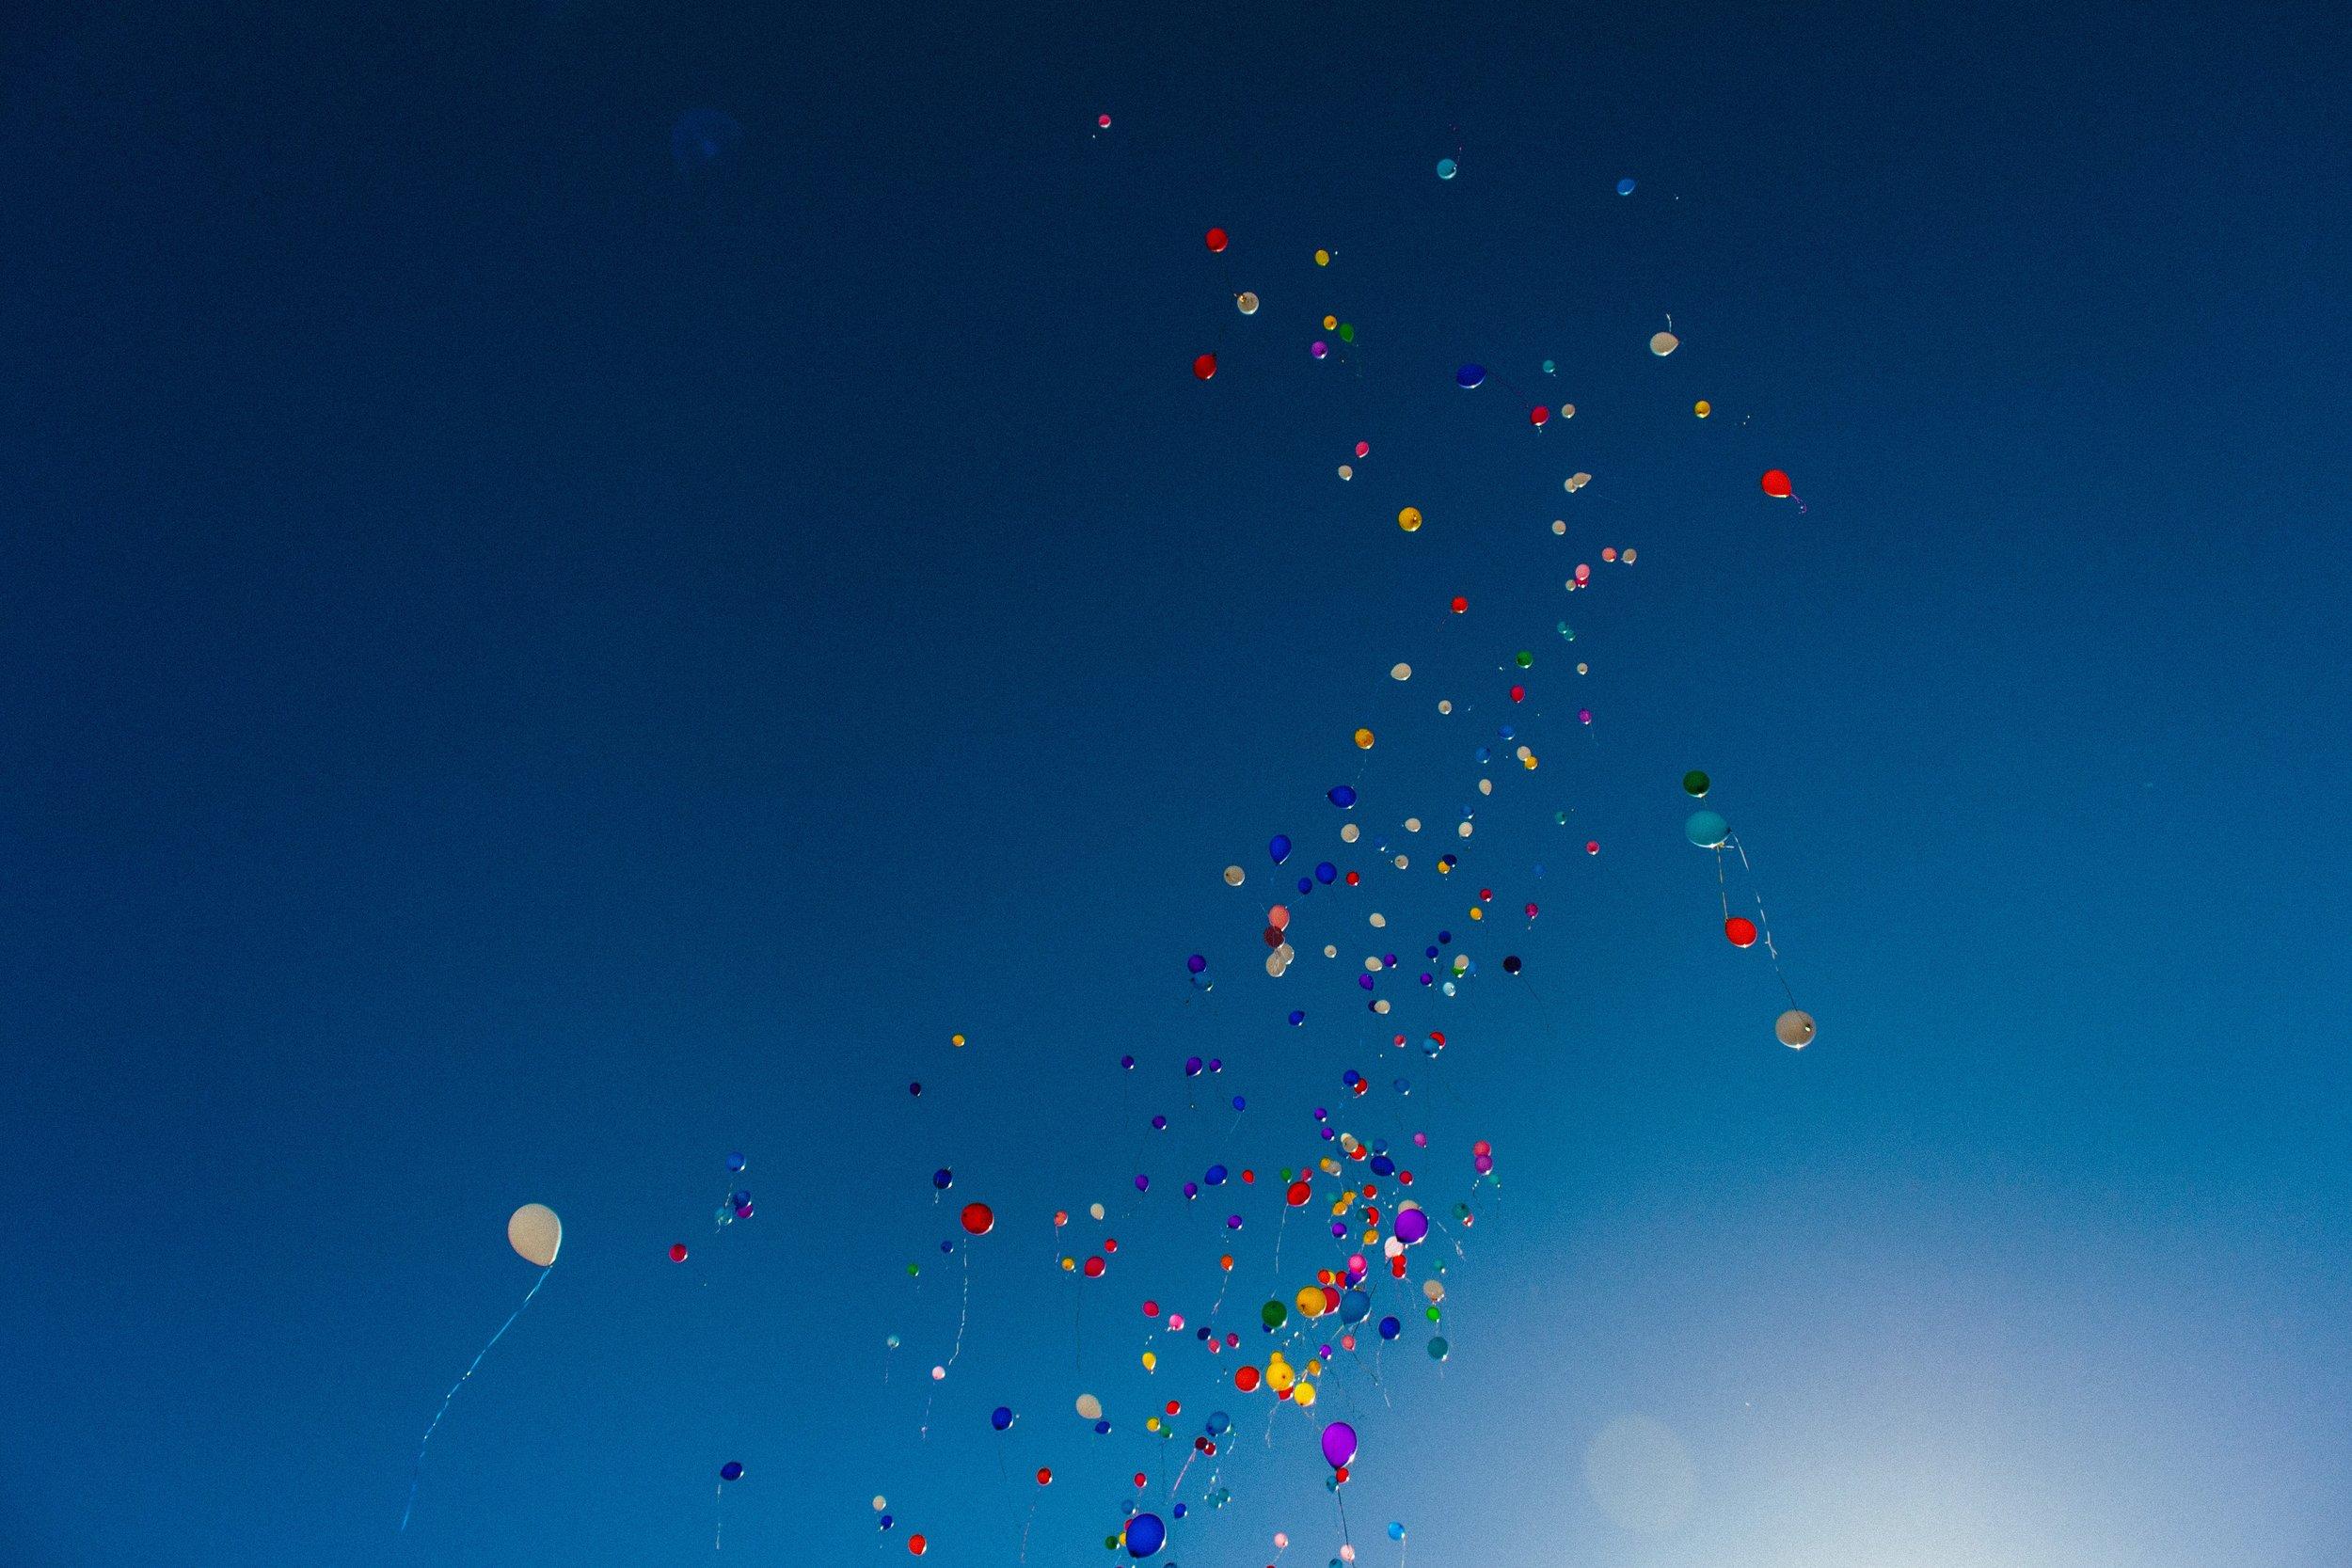 balloon-303156.jpg